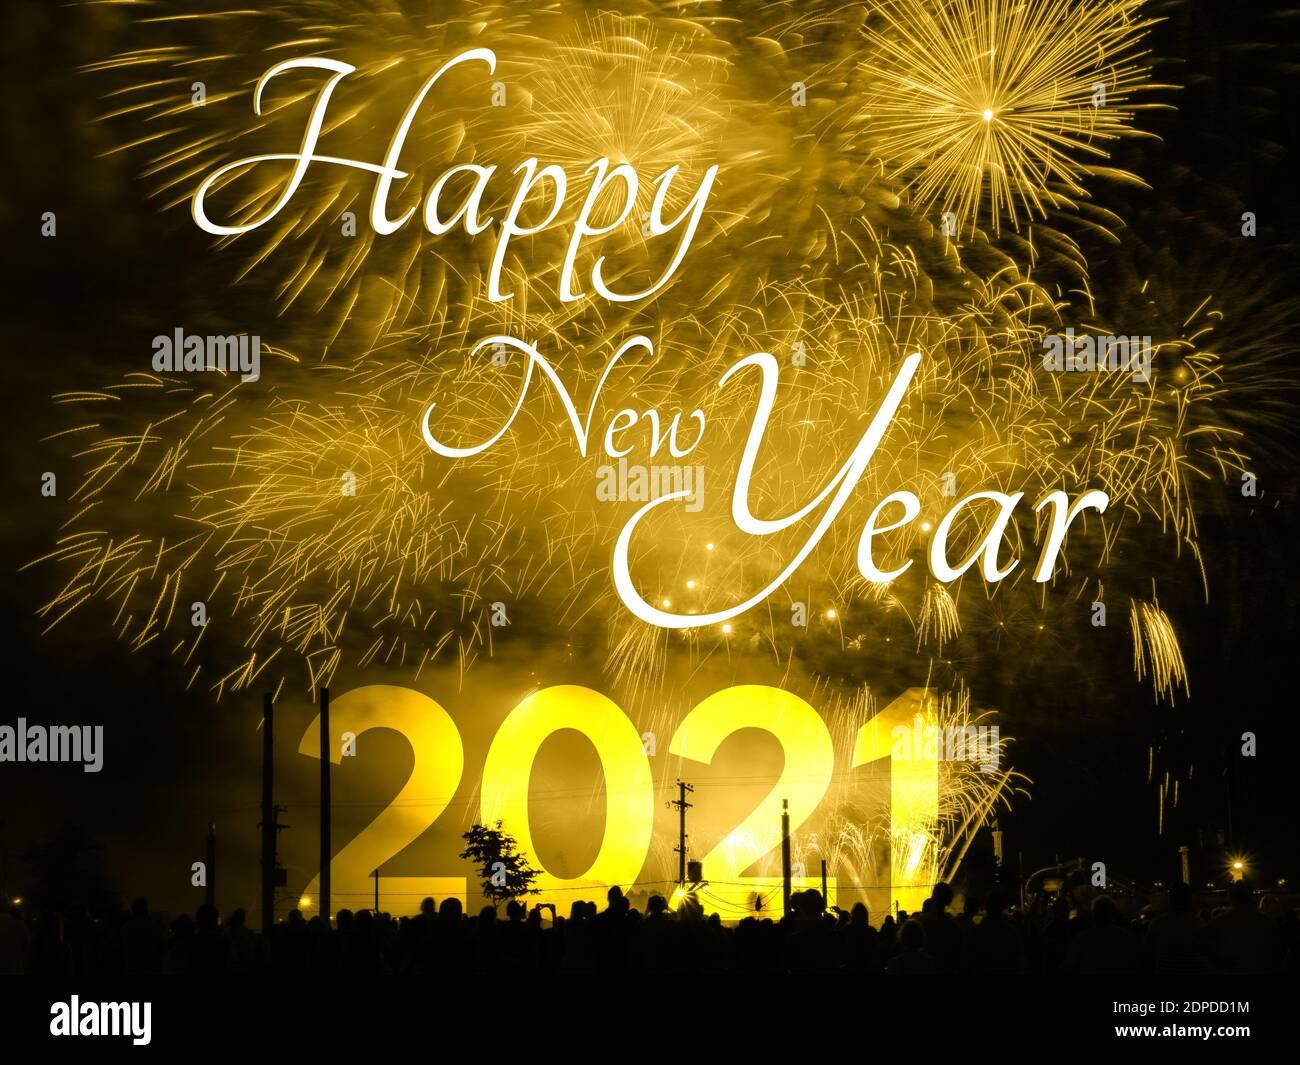 Feliz año nuevo 2021 tarjeta en un fondo de fuegos artificiales de oro Foto de stock